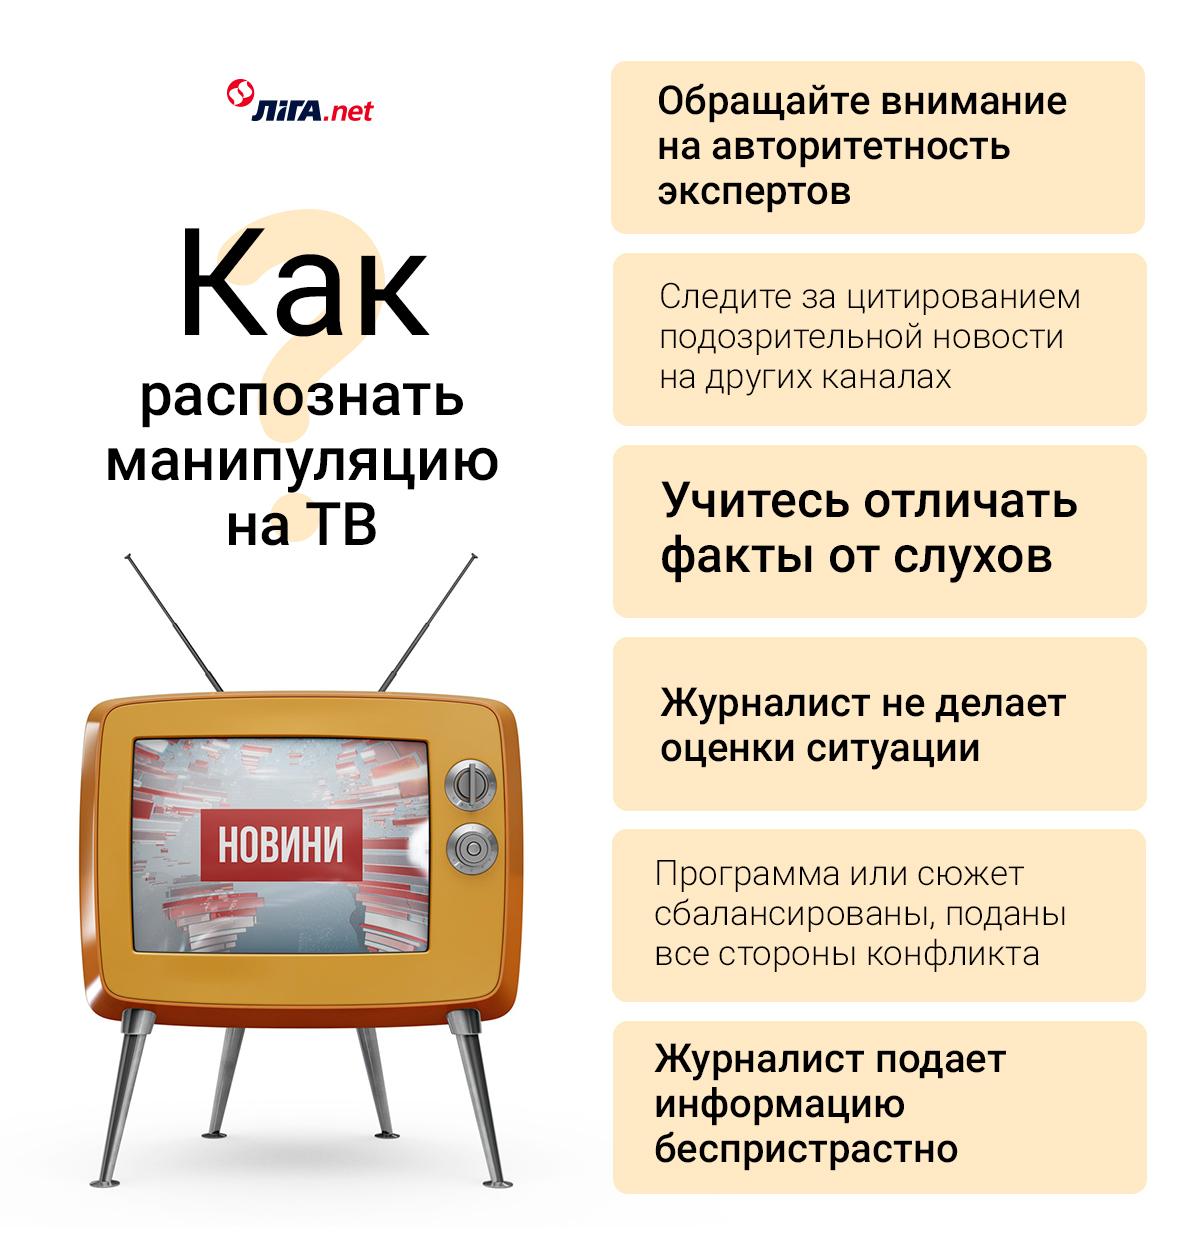 #Медиагигиена. Как телевизор и олигархи уничтожают критическое мышление